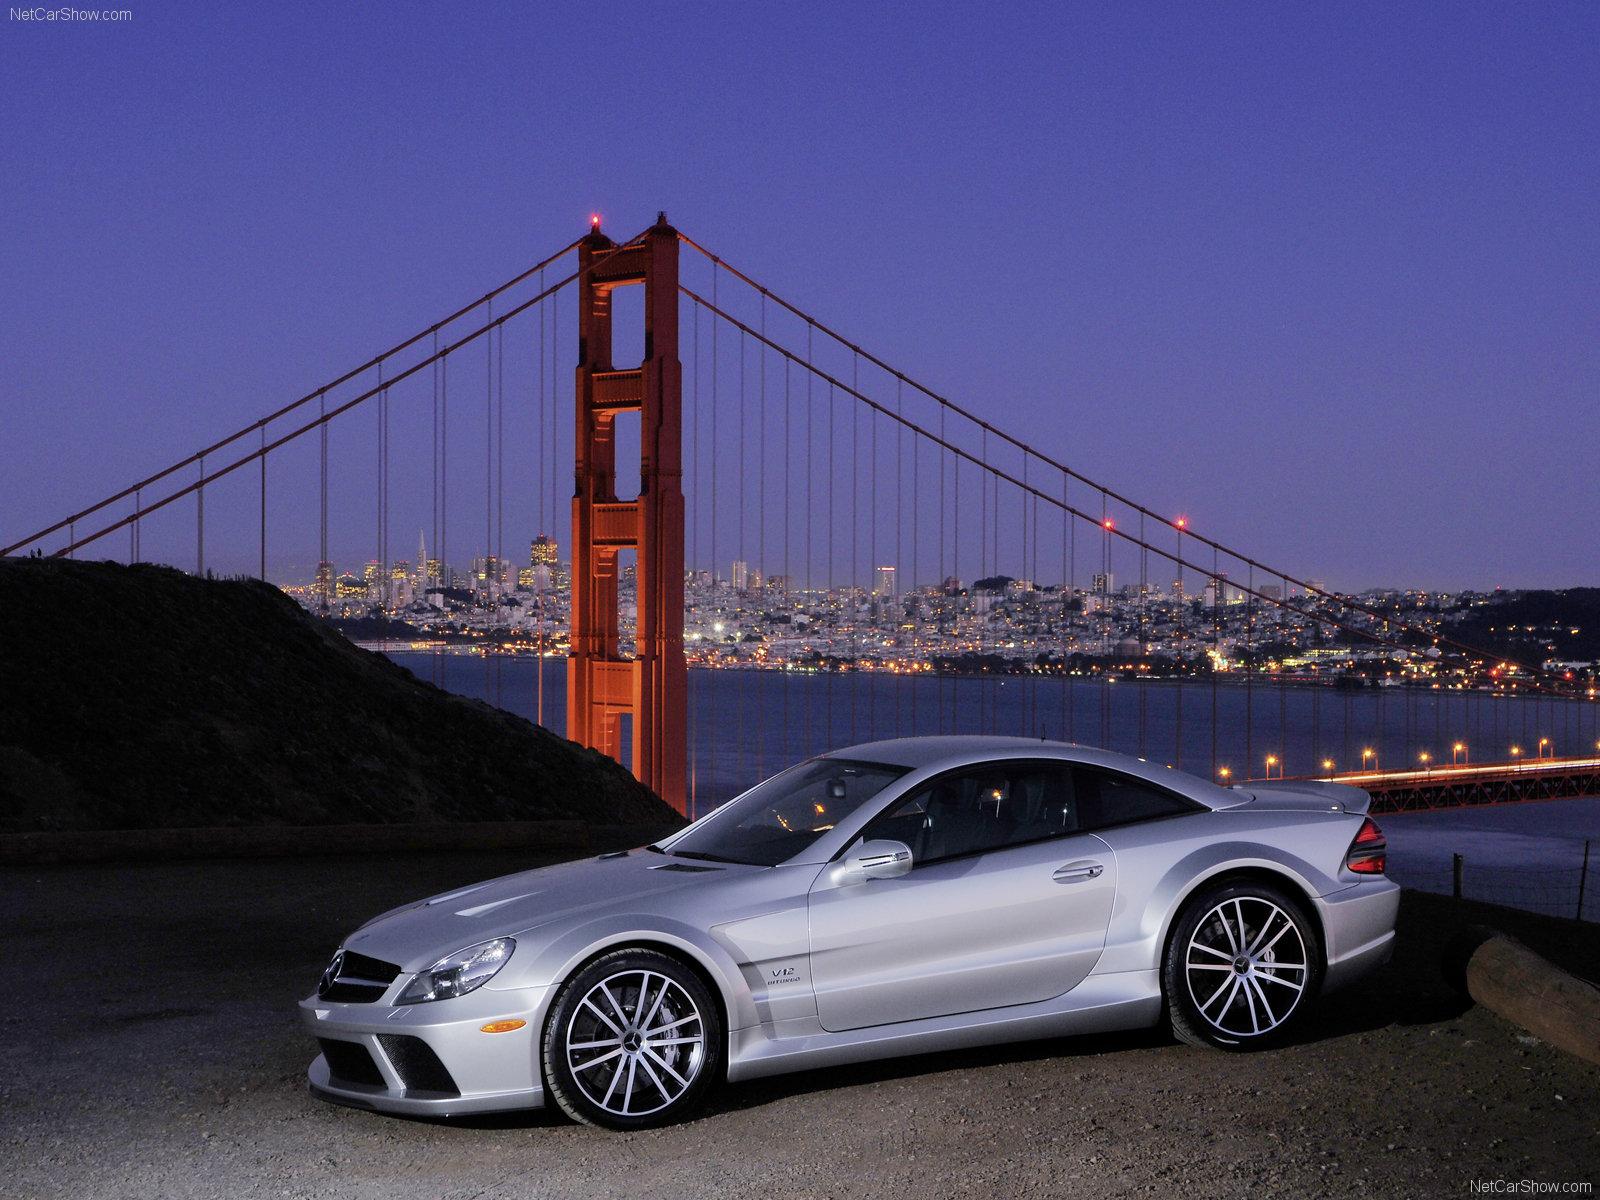 Suche Nach Mercedes Benz Sl 65 Amg Black Series Pagenstecher De Deine Automeile Im Netz